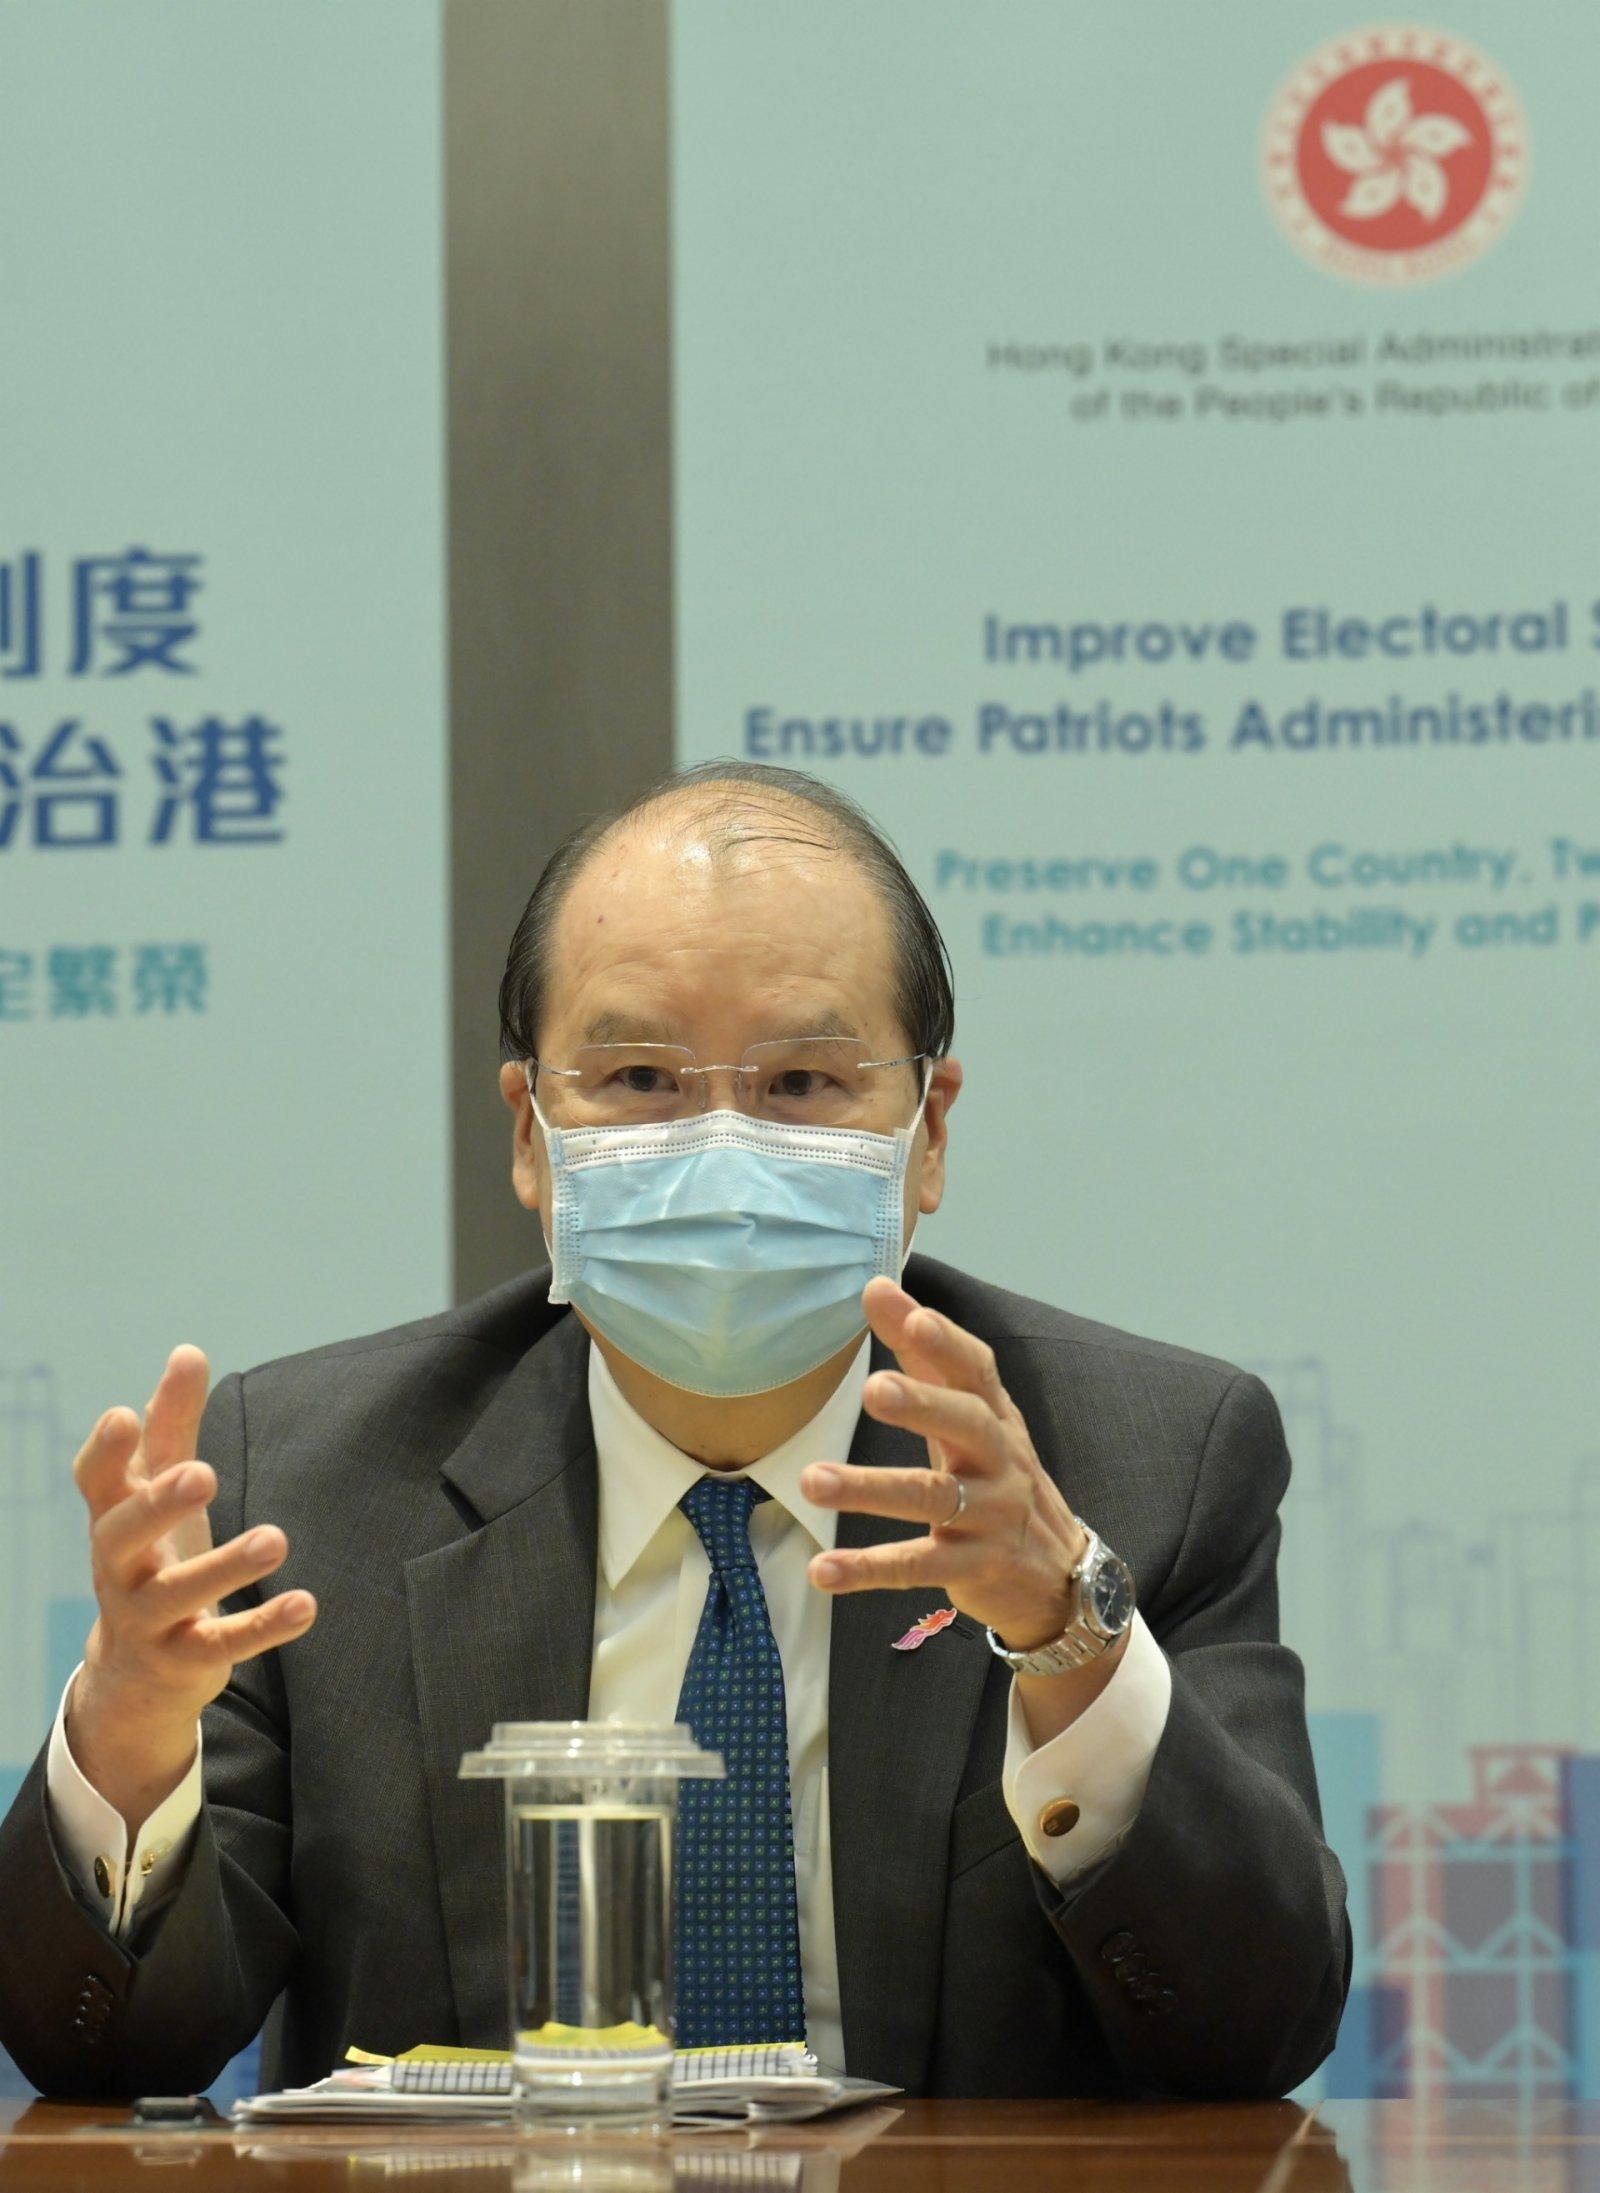 張建宗:維護國安是所有香港市民的義務